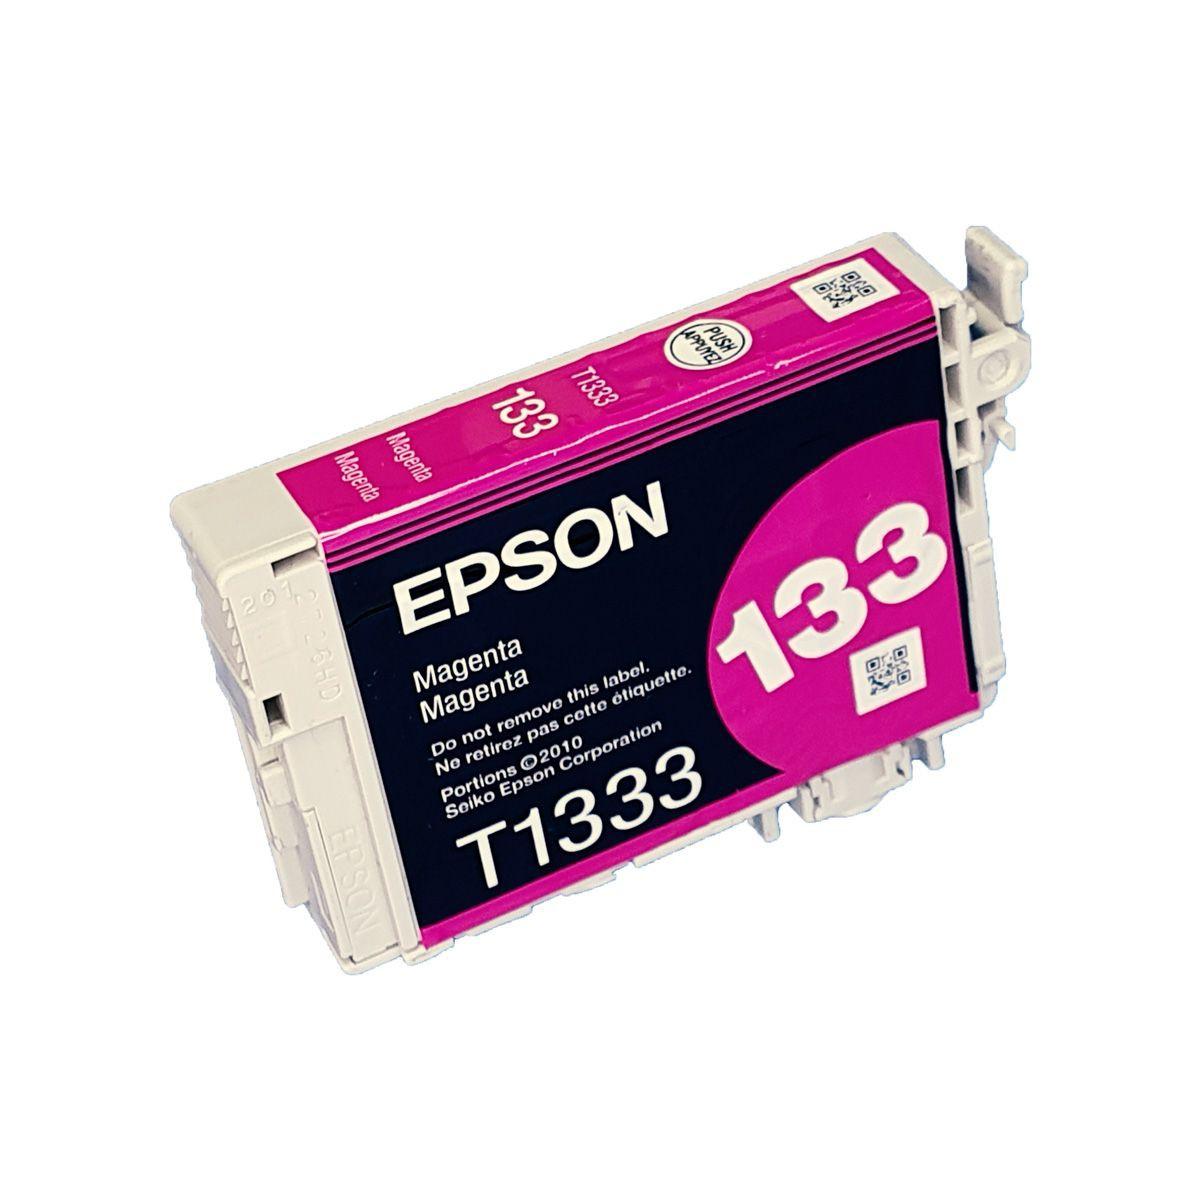 C.T. 133 VM T25 T1333320 BR EPSON